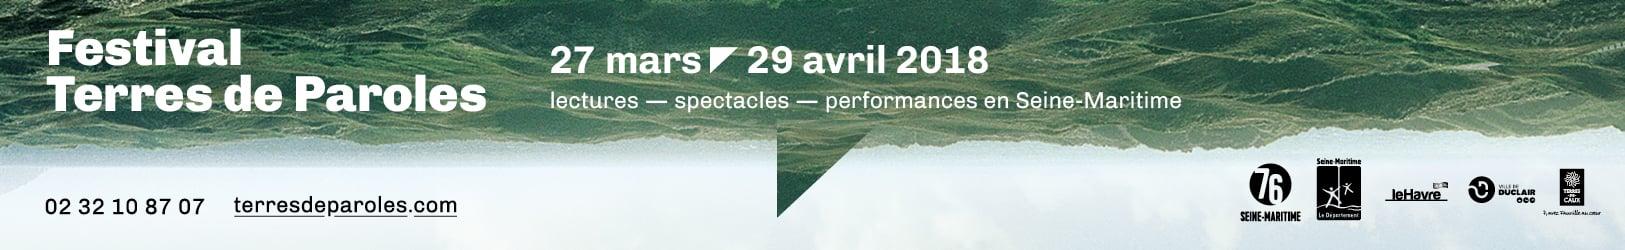 Festival Terres de Paroles du 27 mars au 29 avril 2018